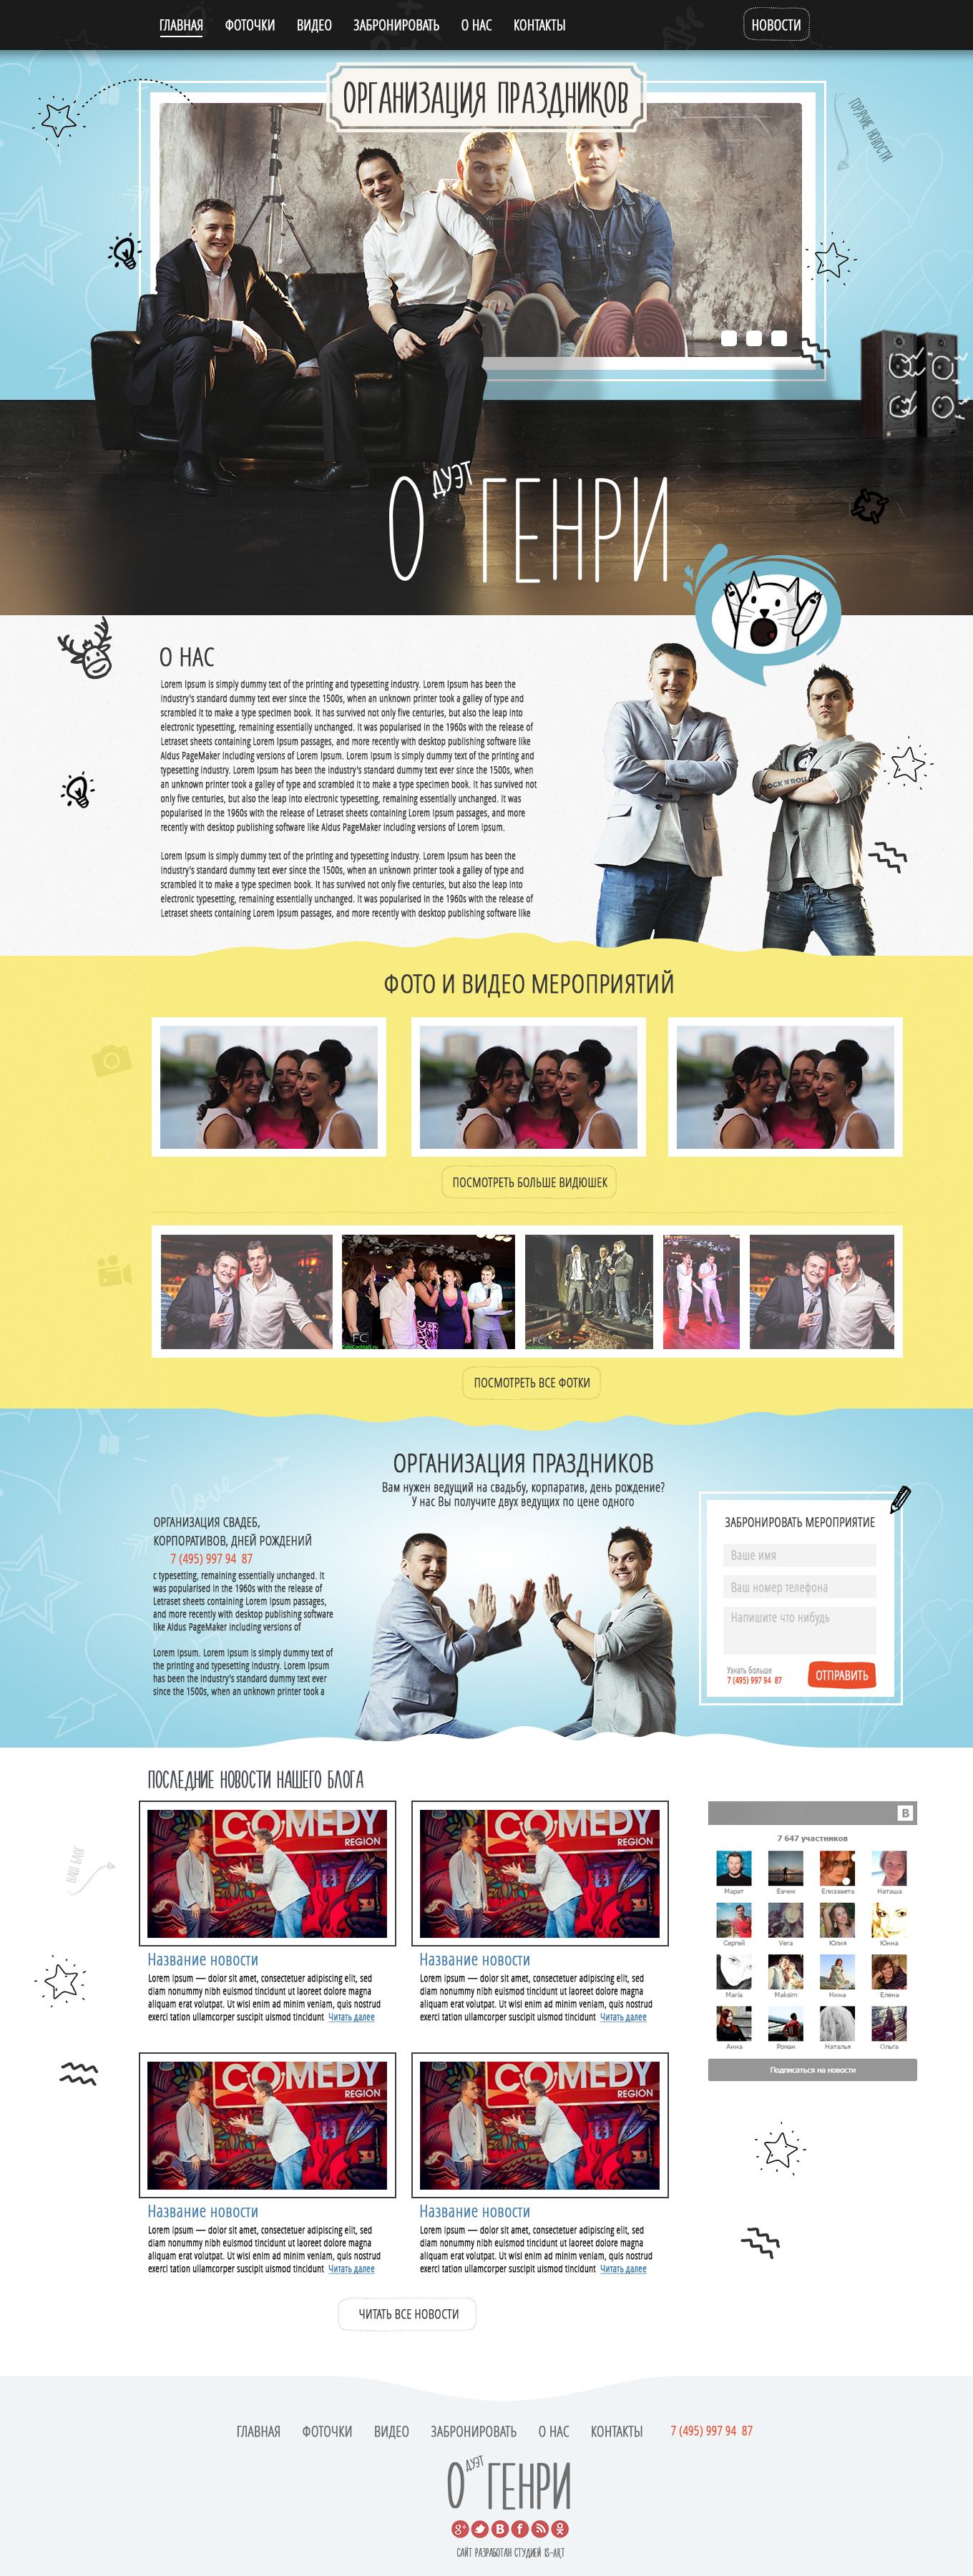 Макет сайта Создание сайта для дуэта на свадьбу 1